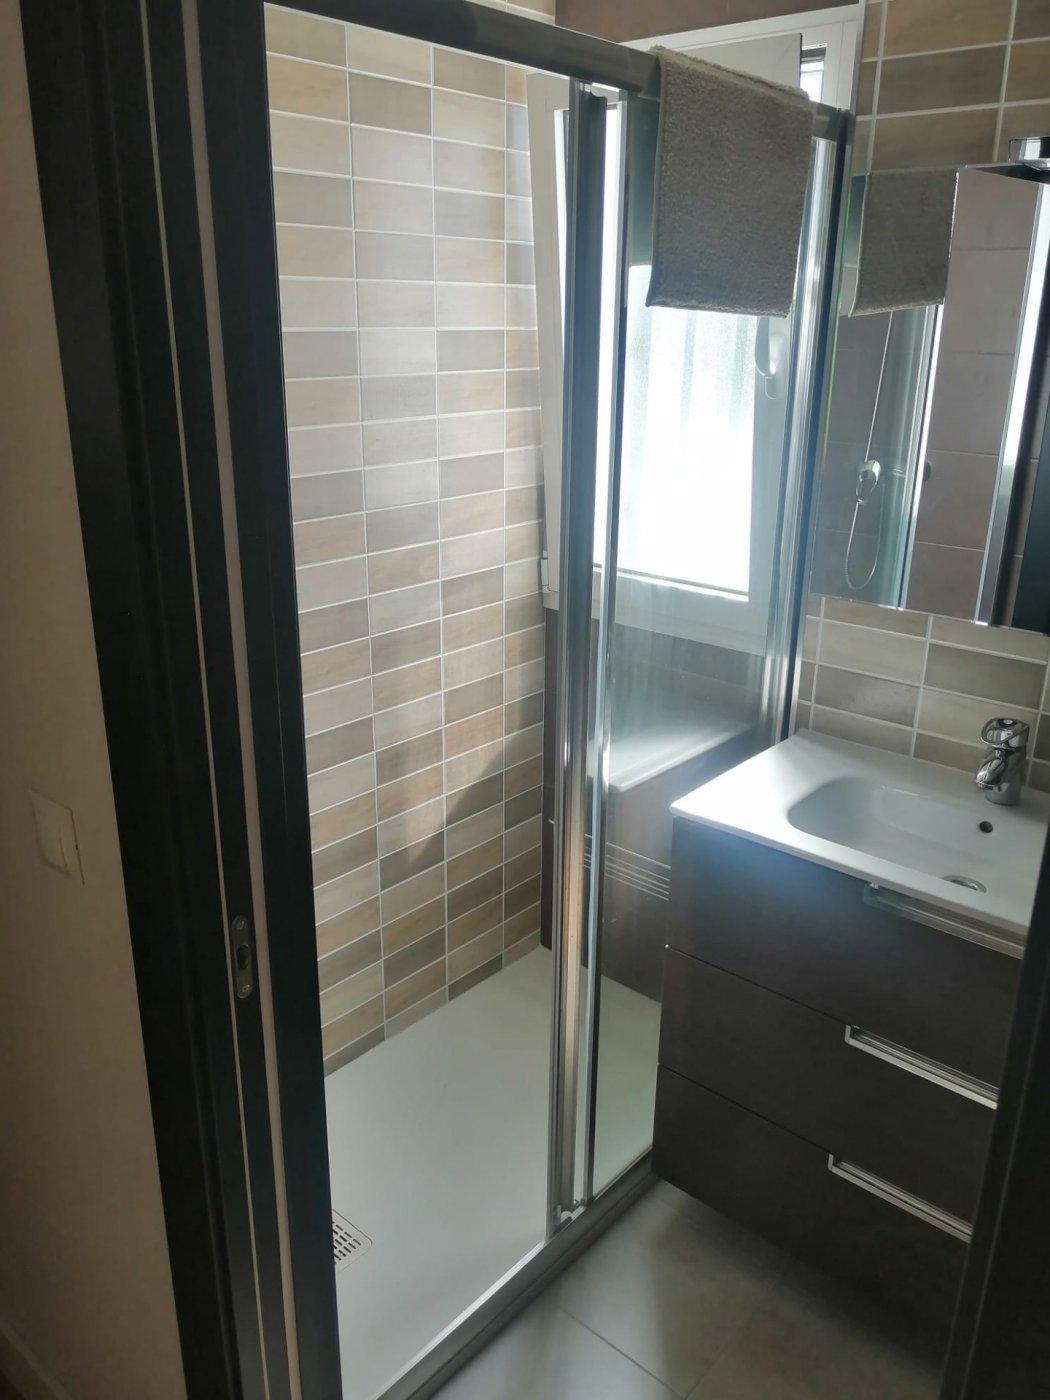 Apartamento 2 dormitorios en la cariihuela - imagenInmueble8